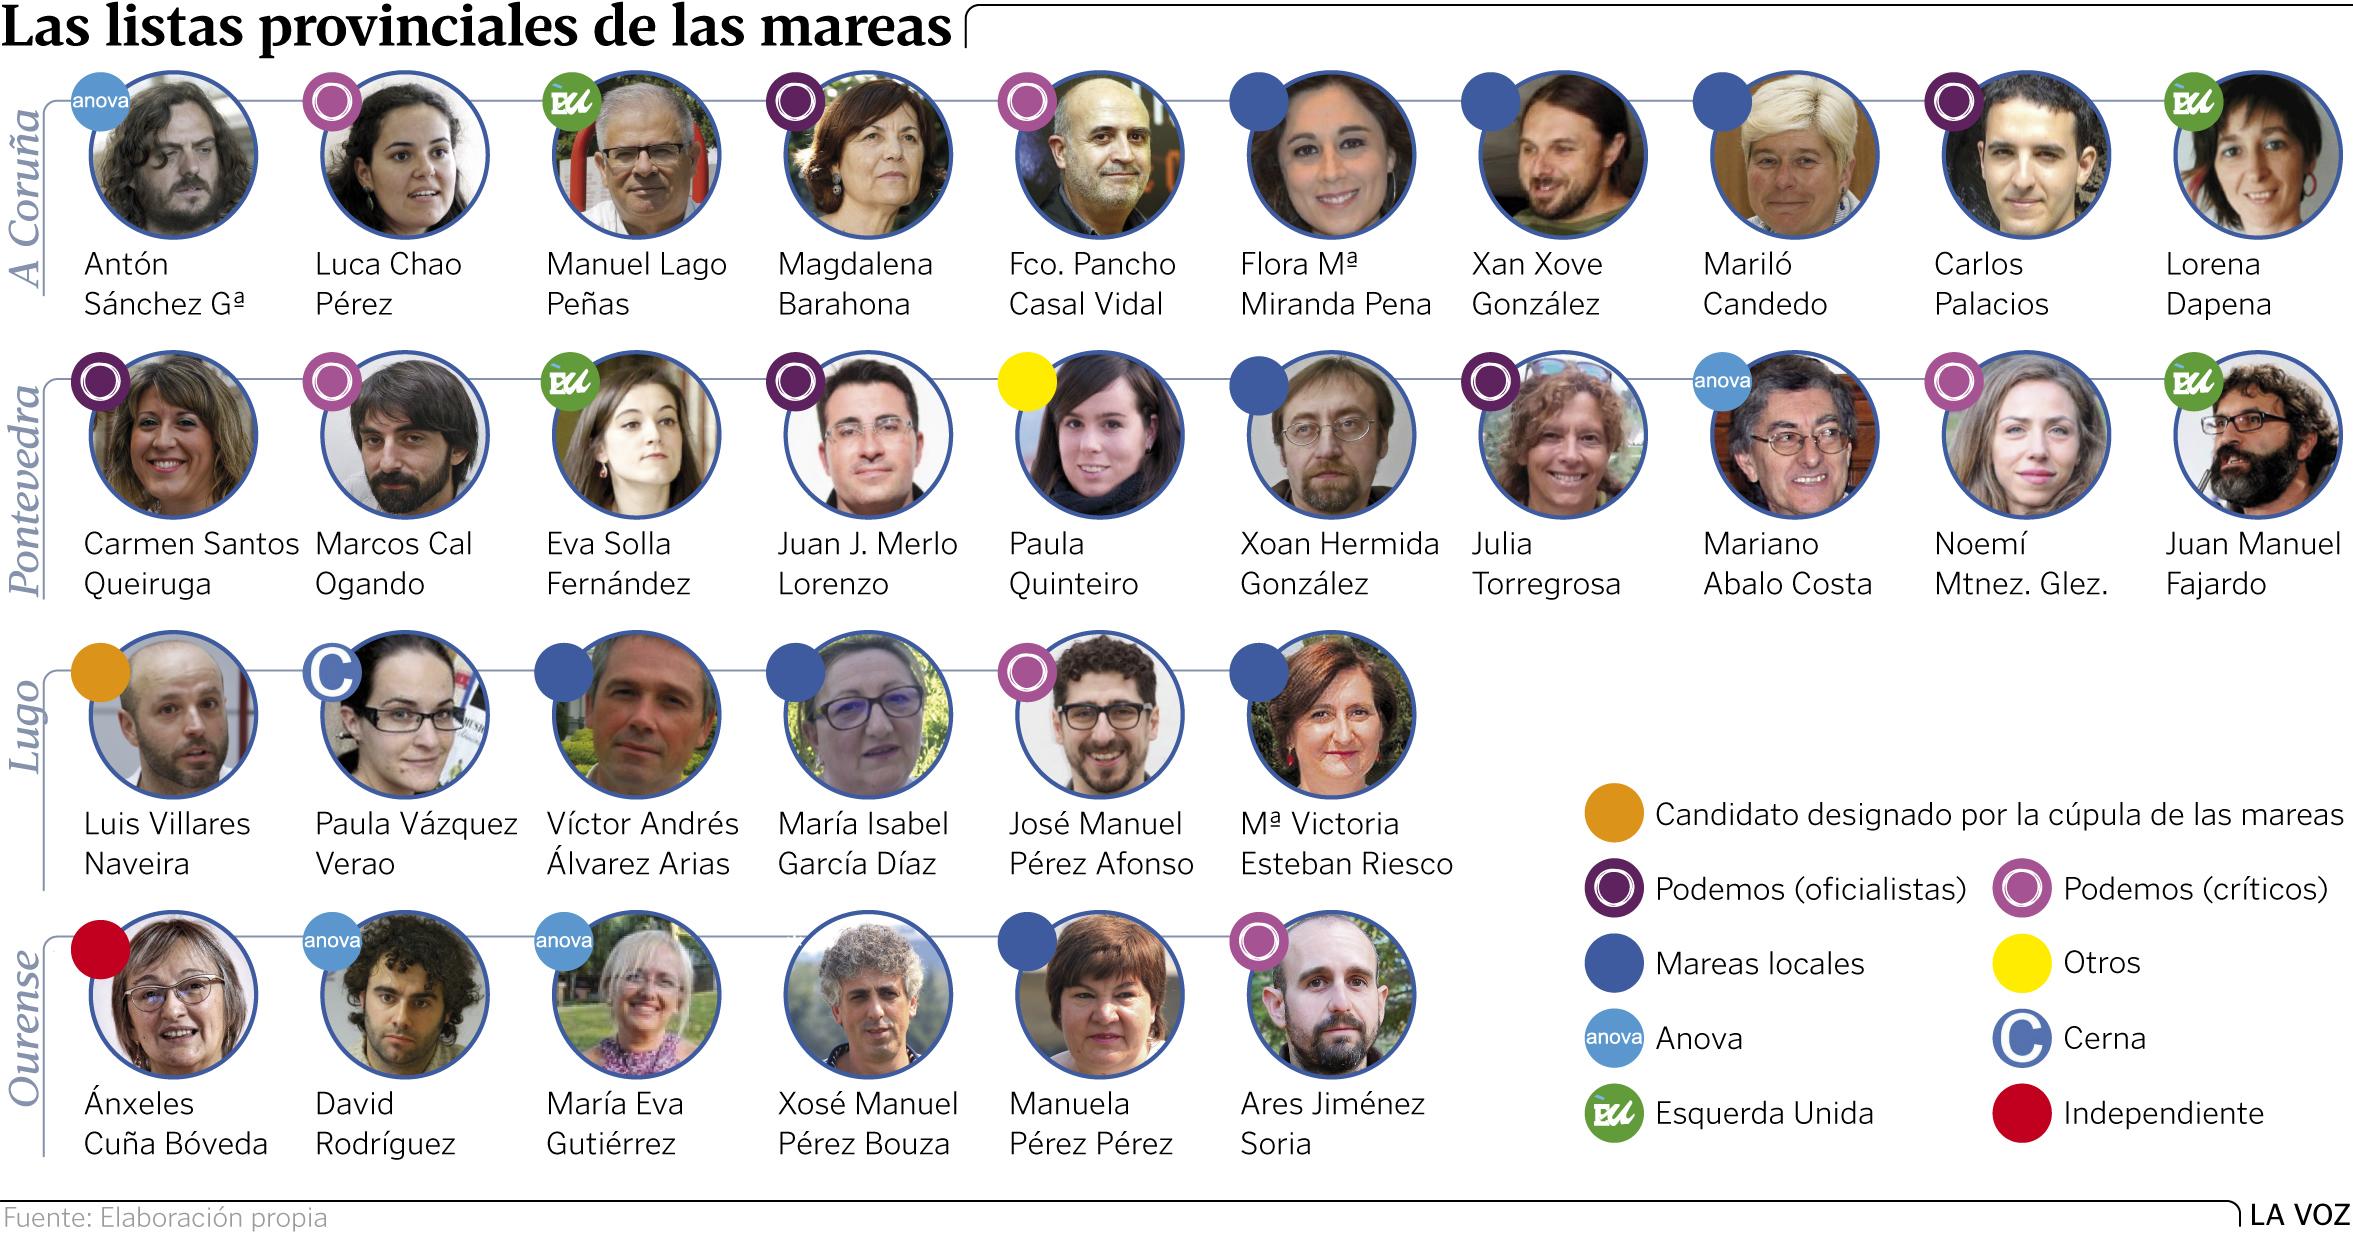 Podemos,  UP,  Convergencias...  Pablo Iglesias: «Echo en falta cierto patriotismo en la política española» - Página 17 Marea2